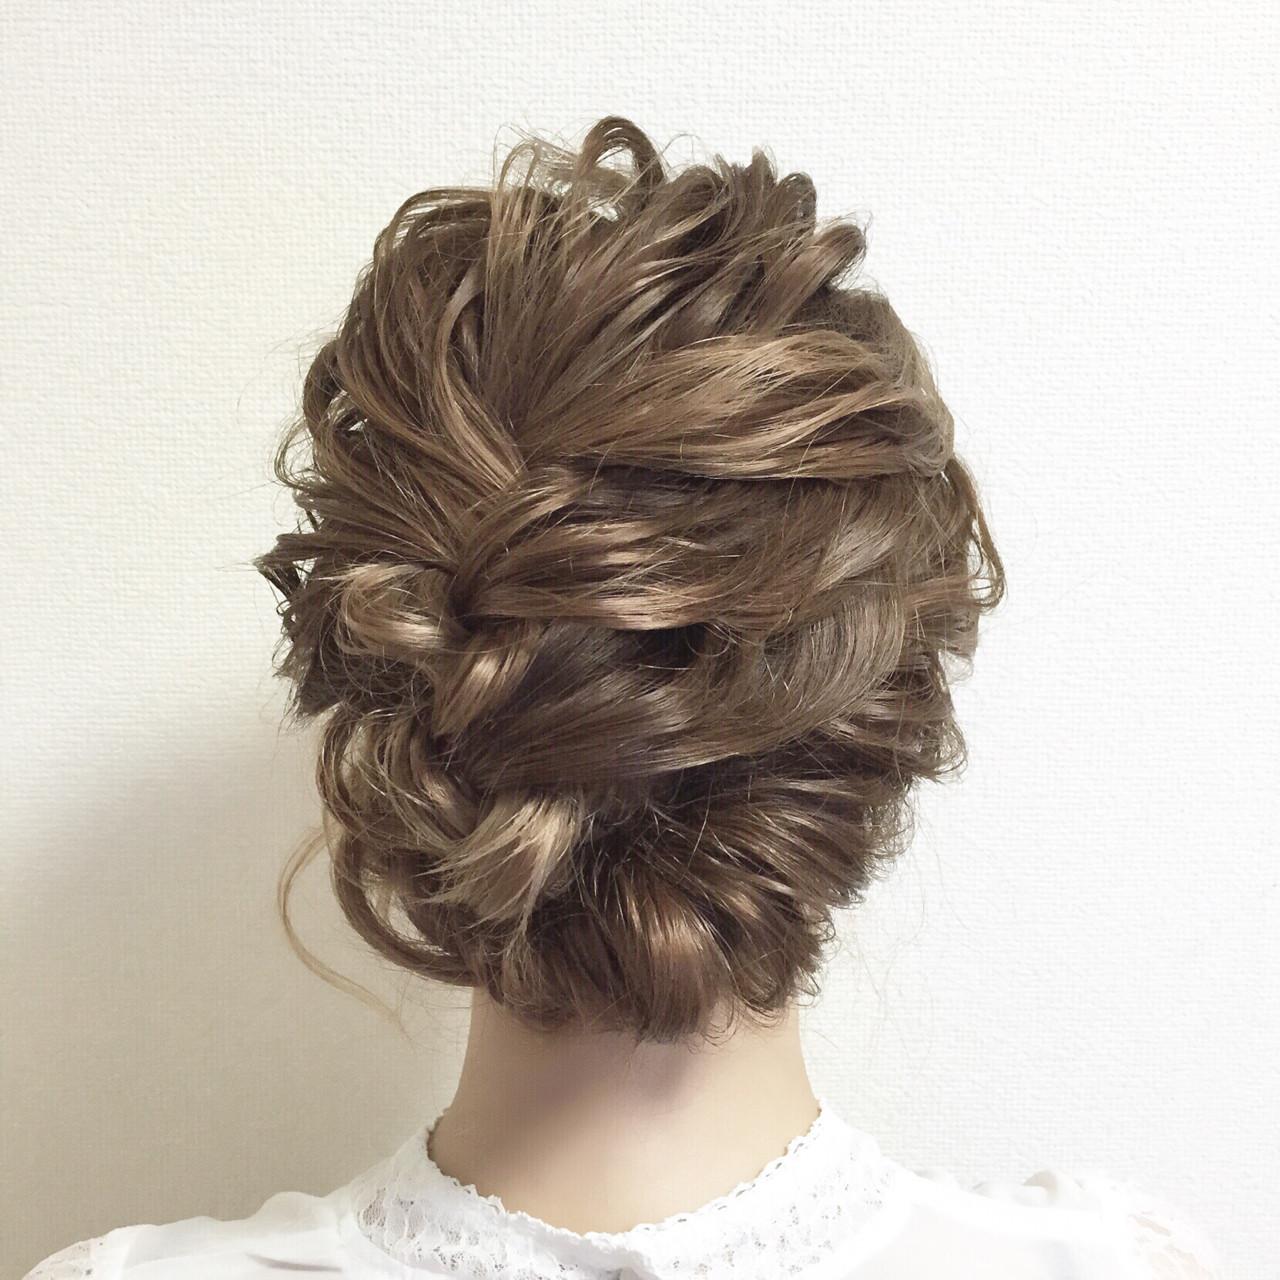 結婚式 ミディアム パーティ ヘアアレンジ ヘアスタイルや髪型の写真・画像